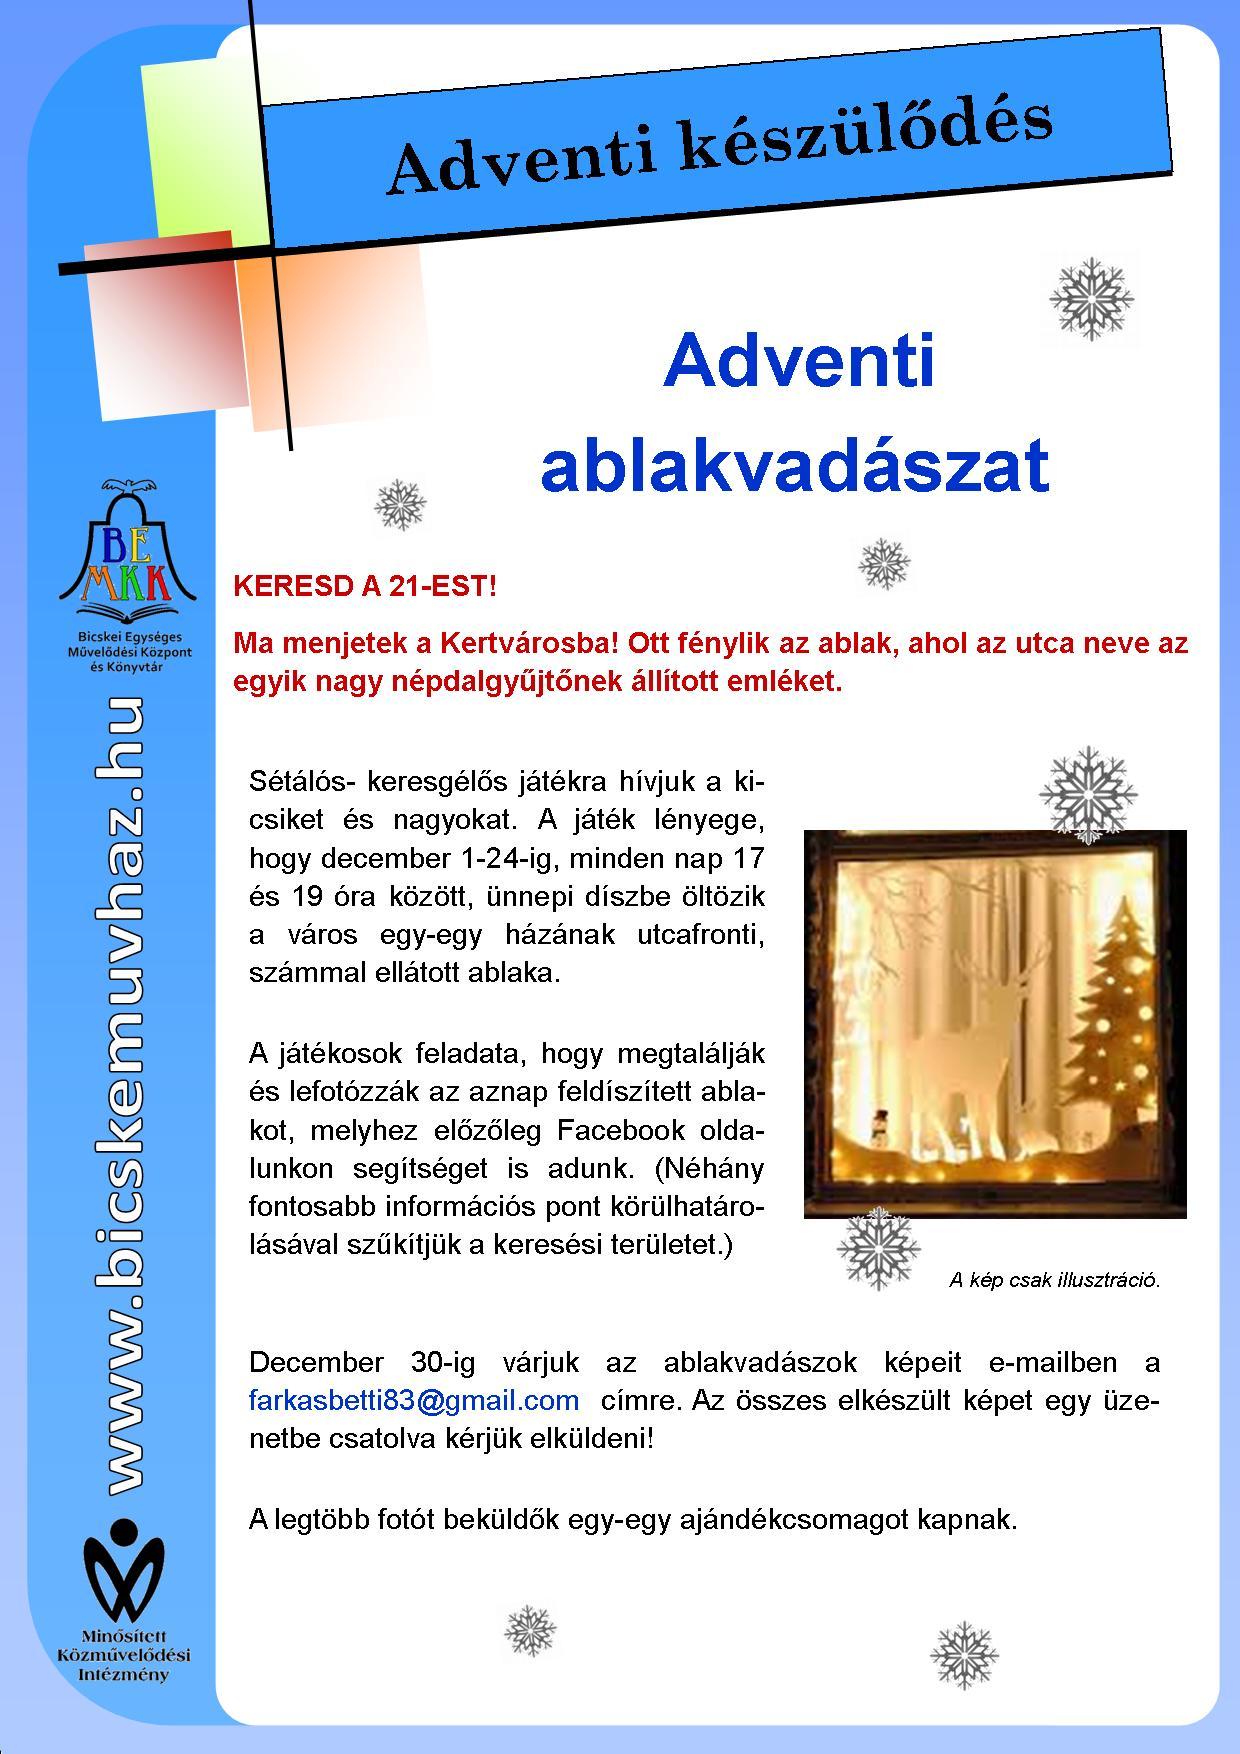 adventi_ablakvadaszat-keresd_a_21-est.jpg